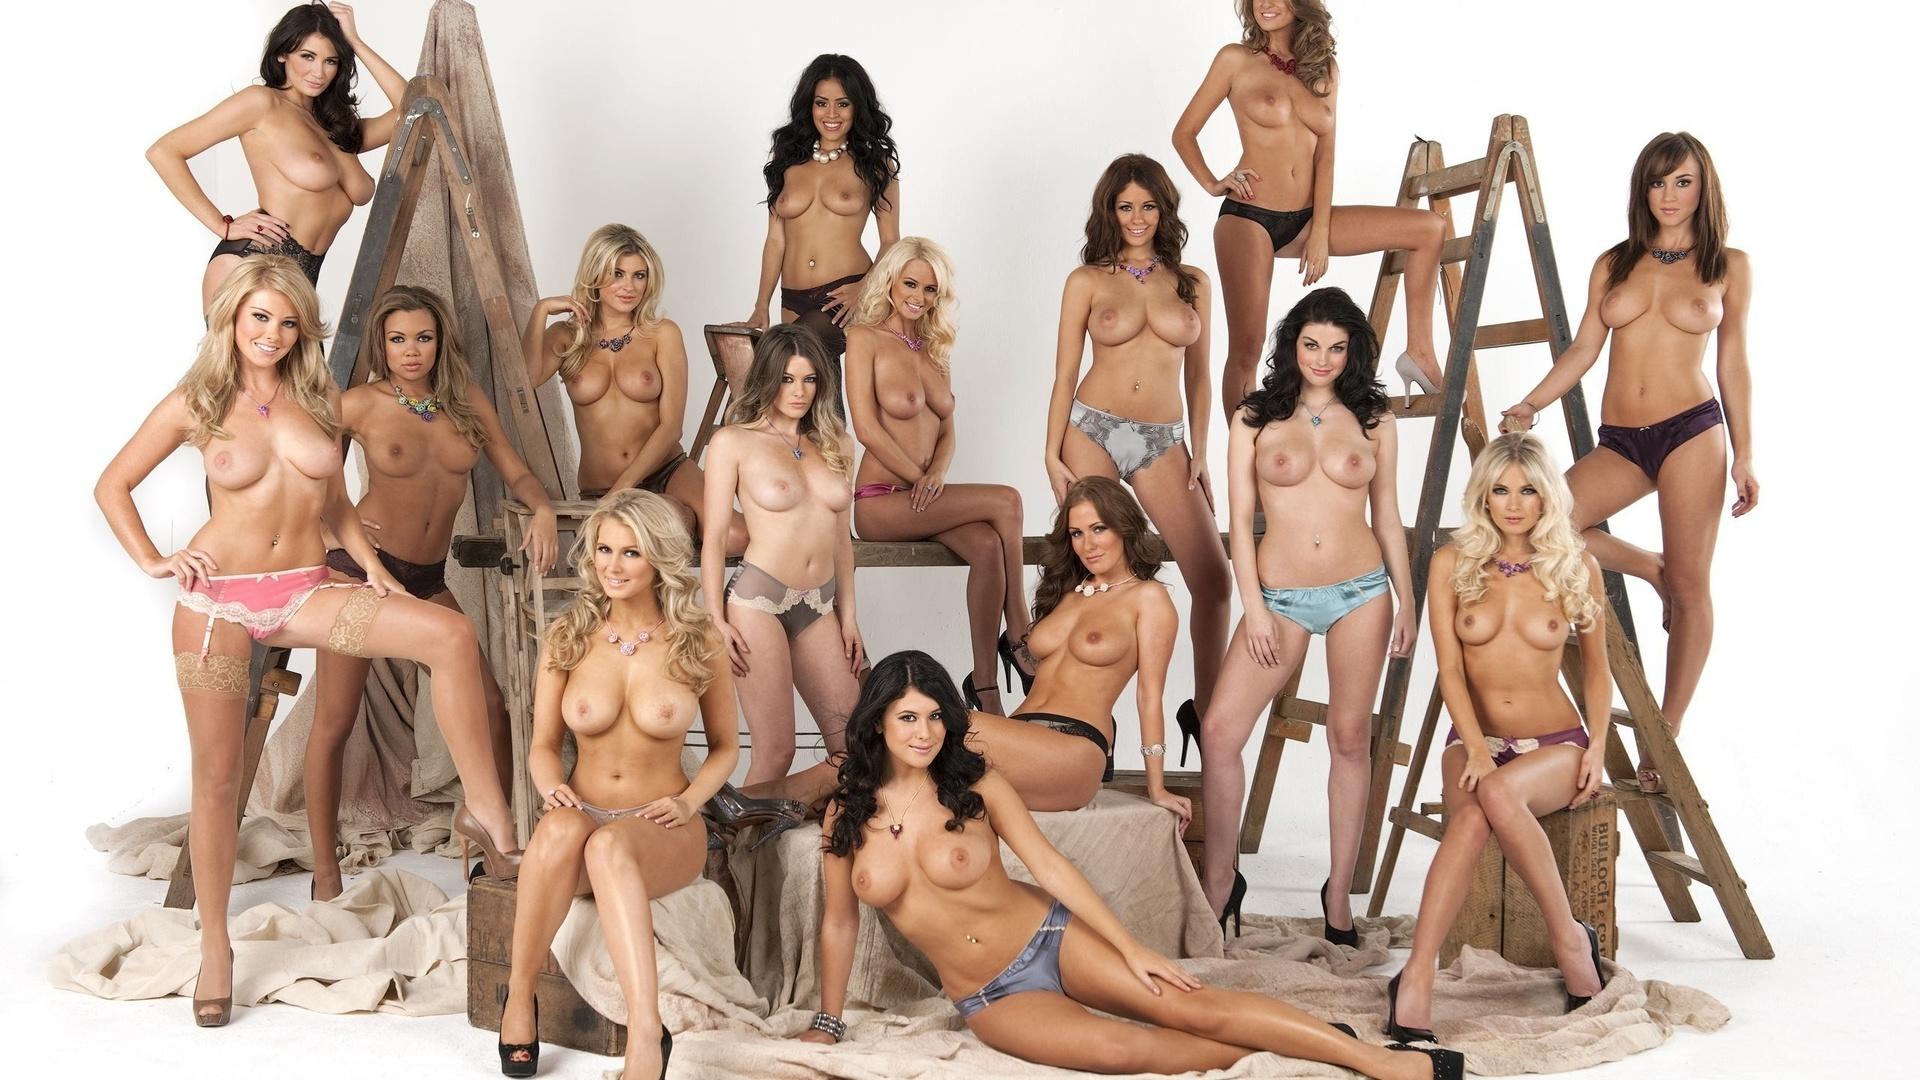 Строй голых девушек 24 фотография